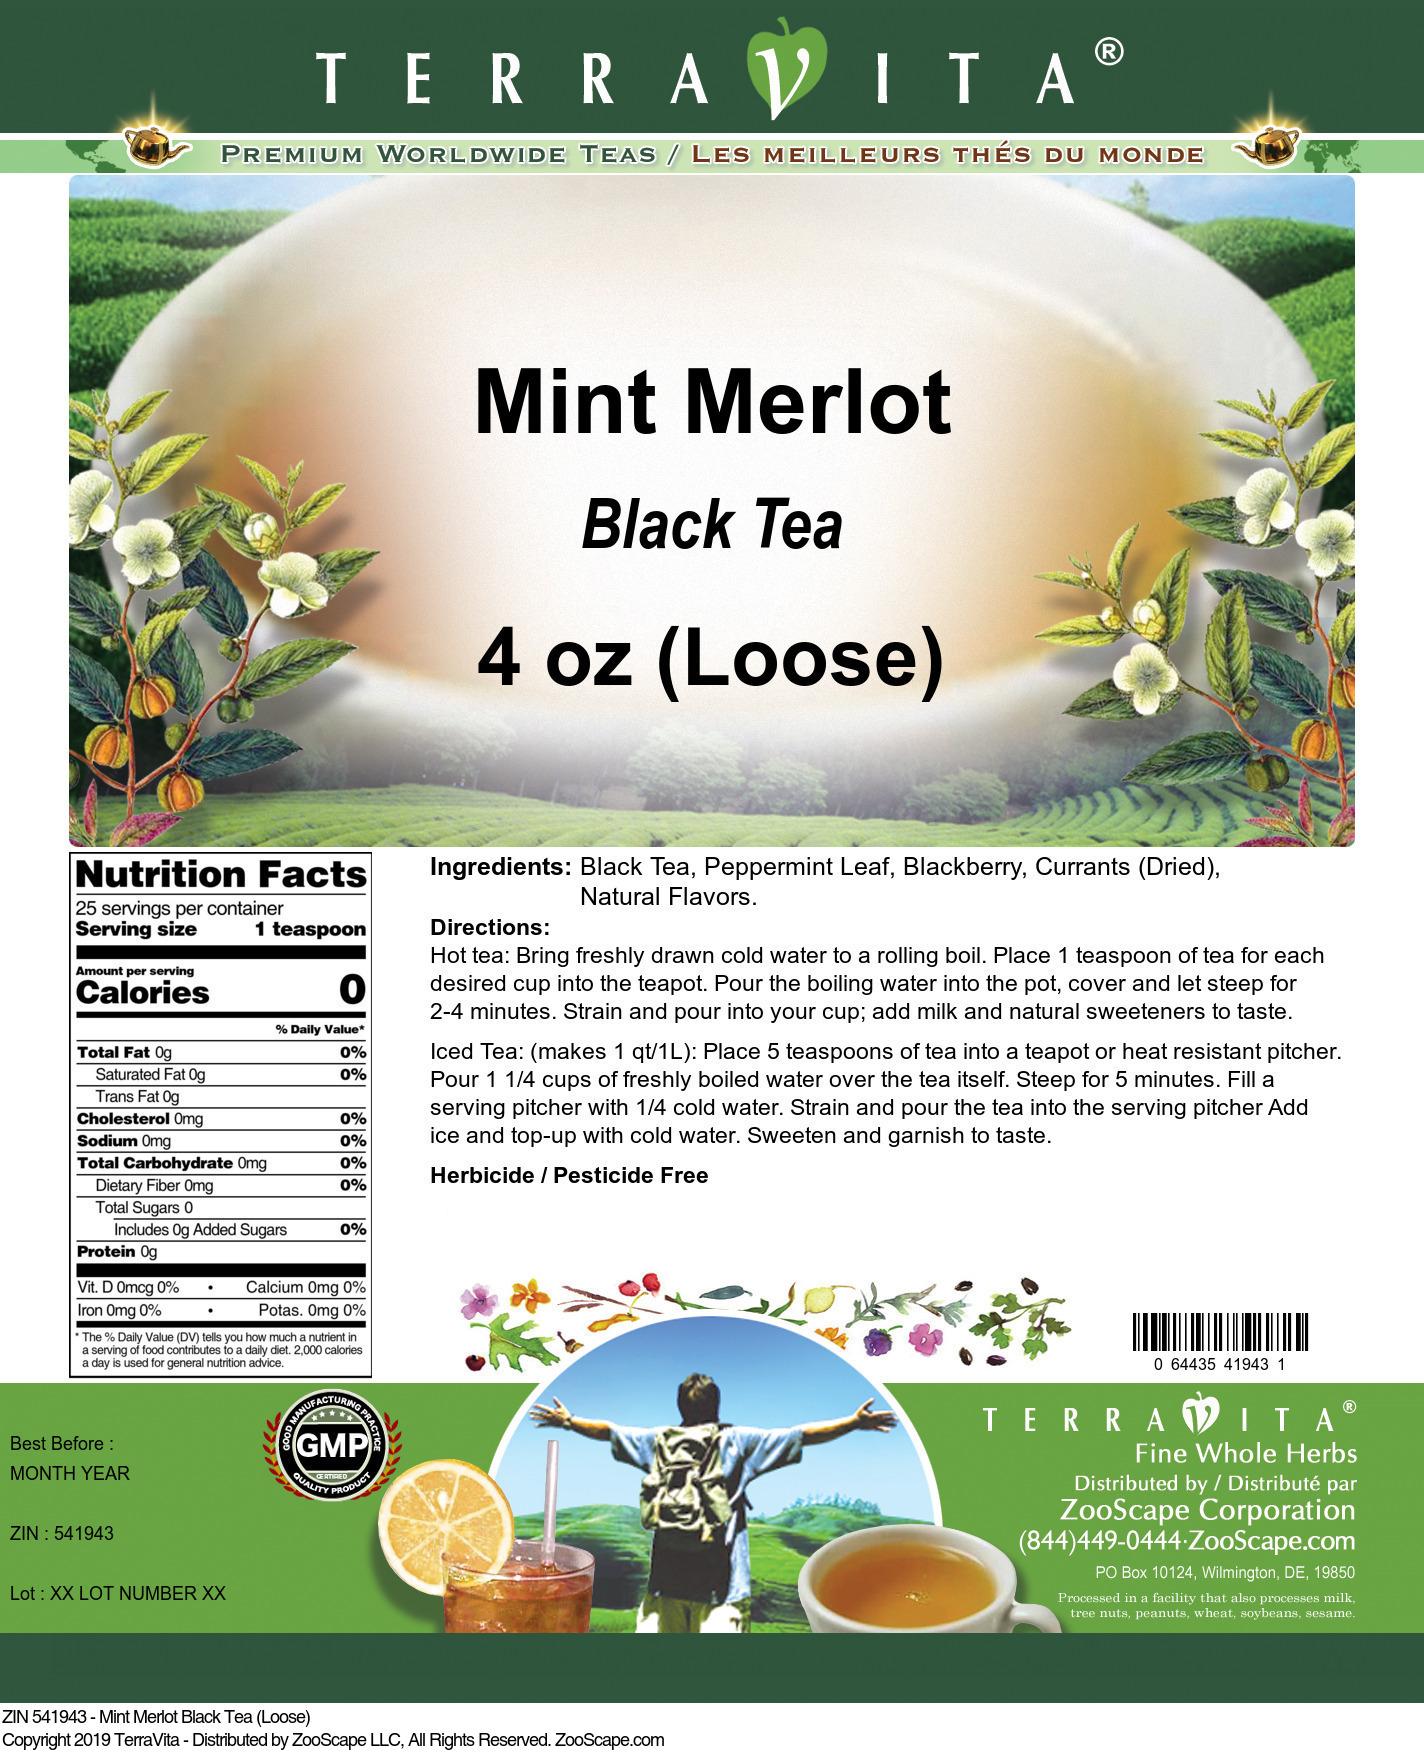 Mint Merlot Black Tea (Loose)